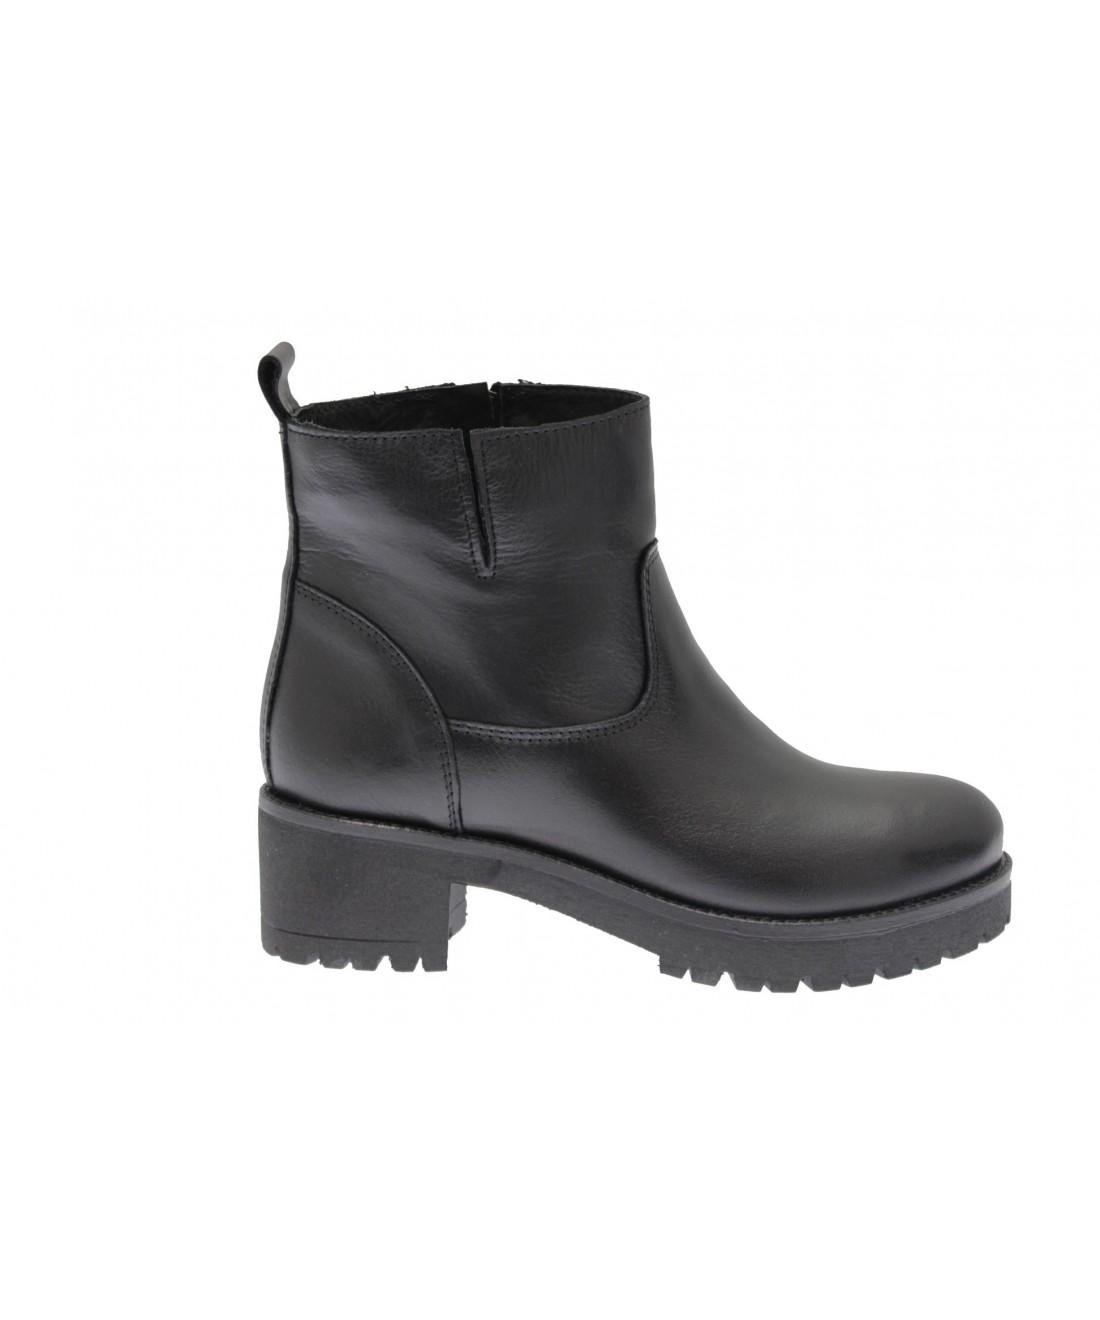 Boots en cuir semelle crantée Noir n101uHw